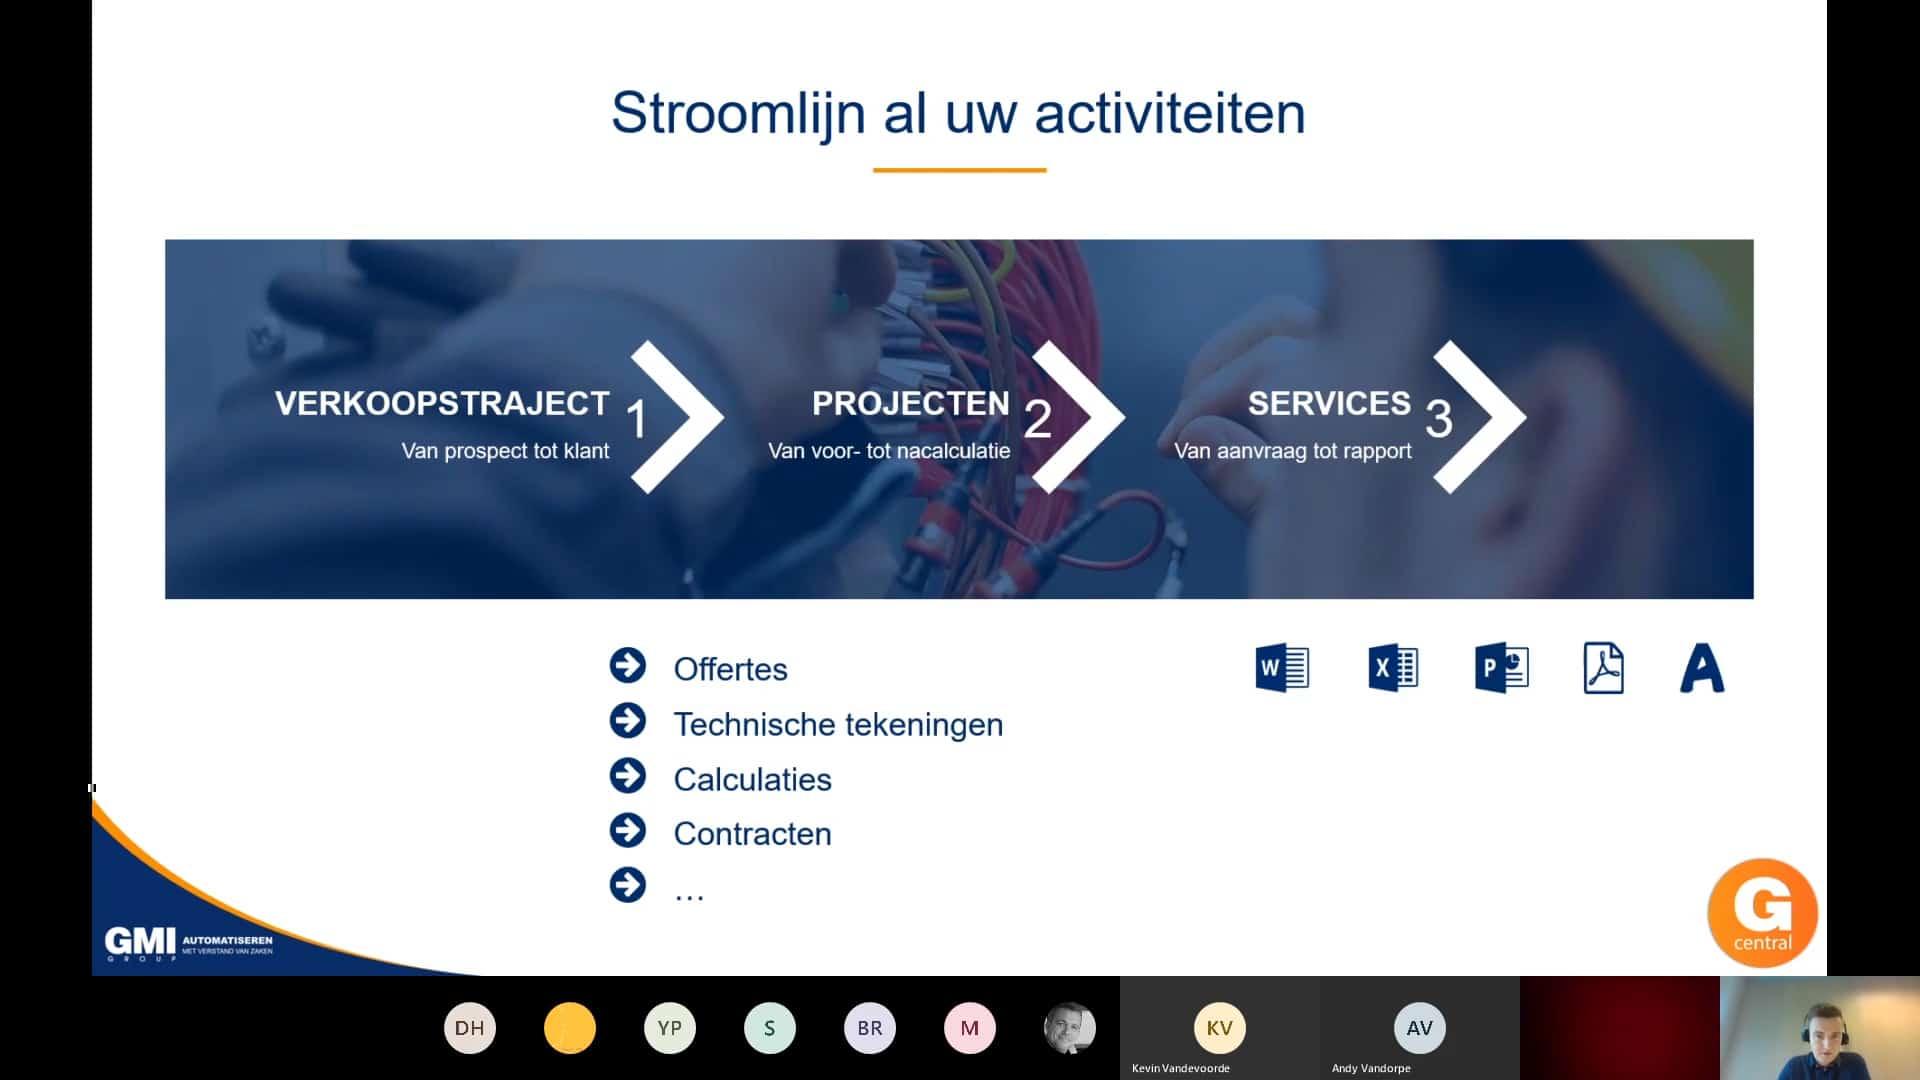 Webinar - Beter samenwerken en documenten delen met SharePoint